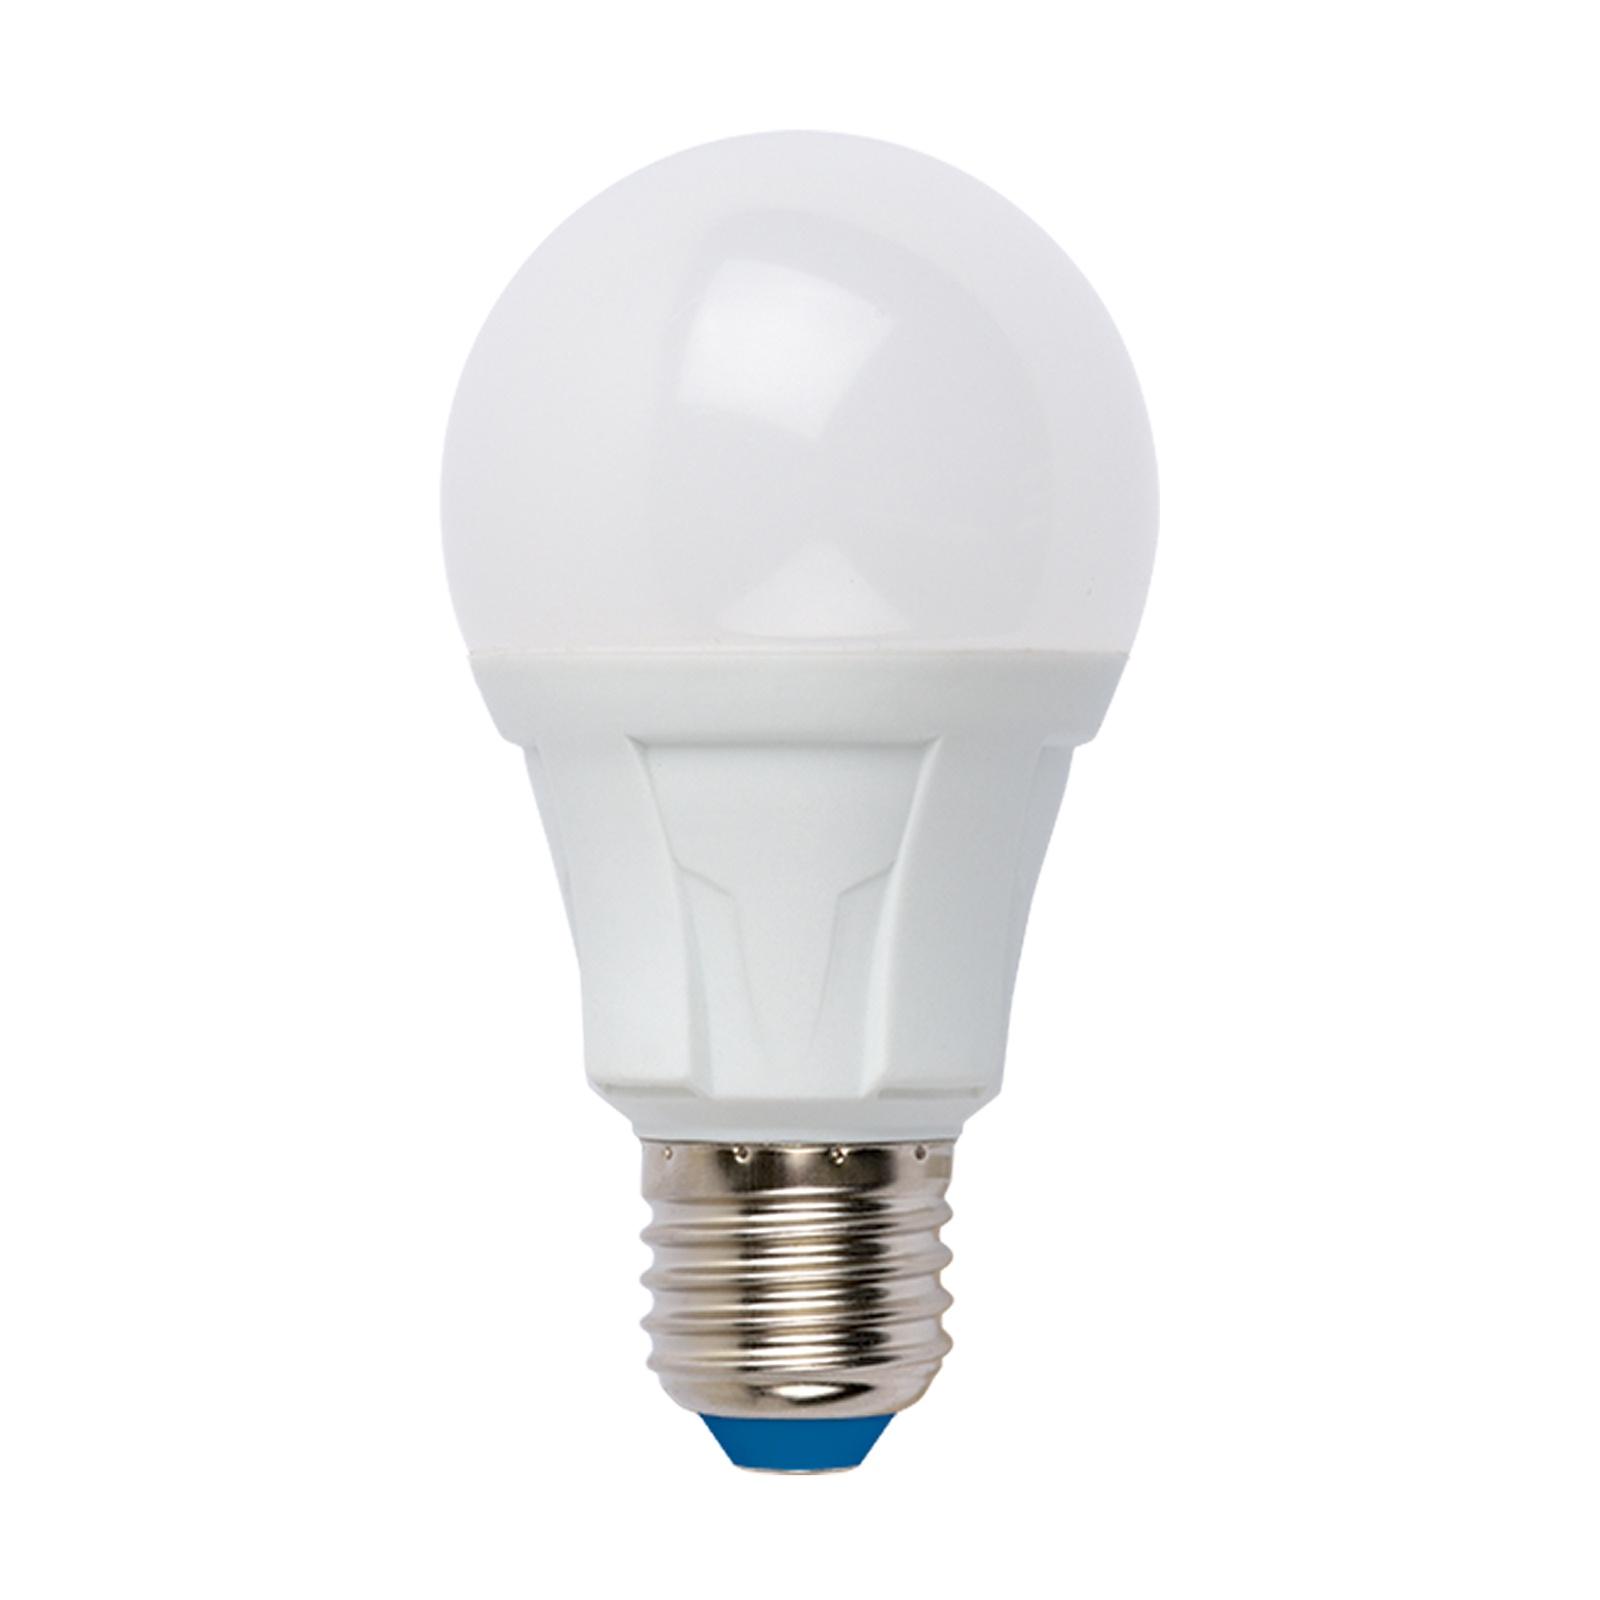 Лампочка Uniel LED-A60 8W/DW/E27/FR 6500K, Холодный свет 8 Вт, Светодиодная